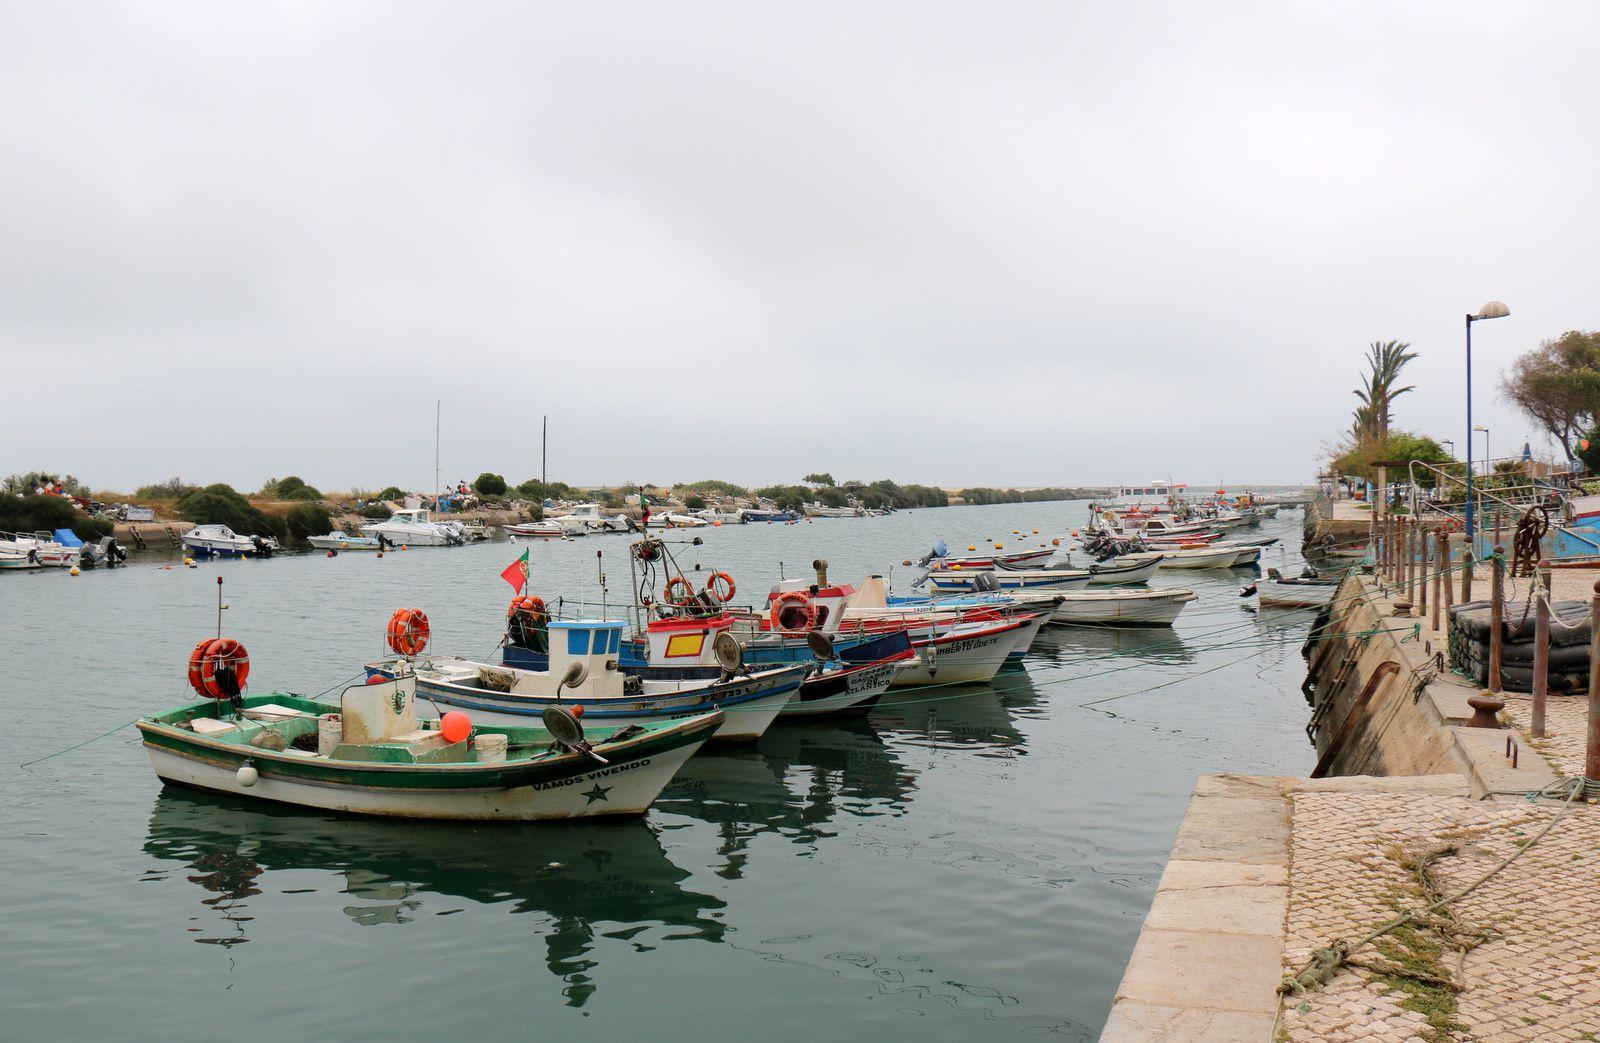 Bateaux de pêche dans le port de Fuseta, Algarve (Portugal)